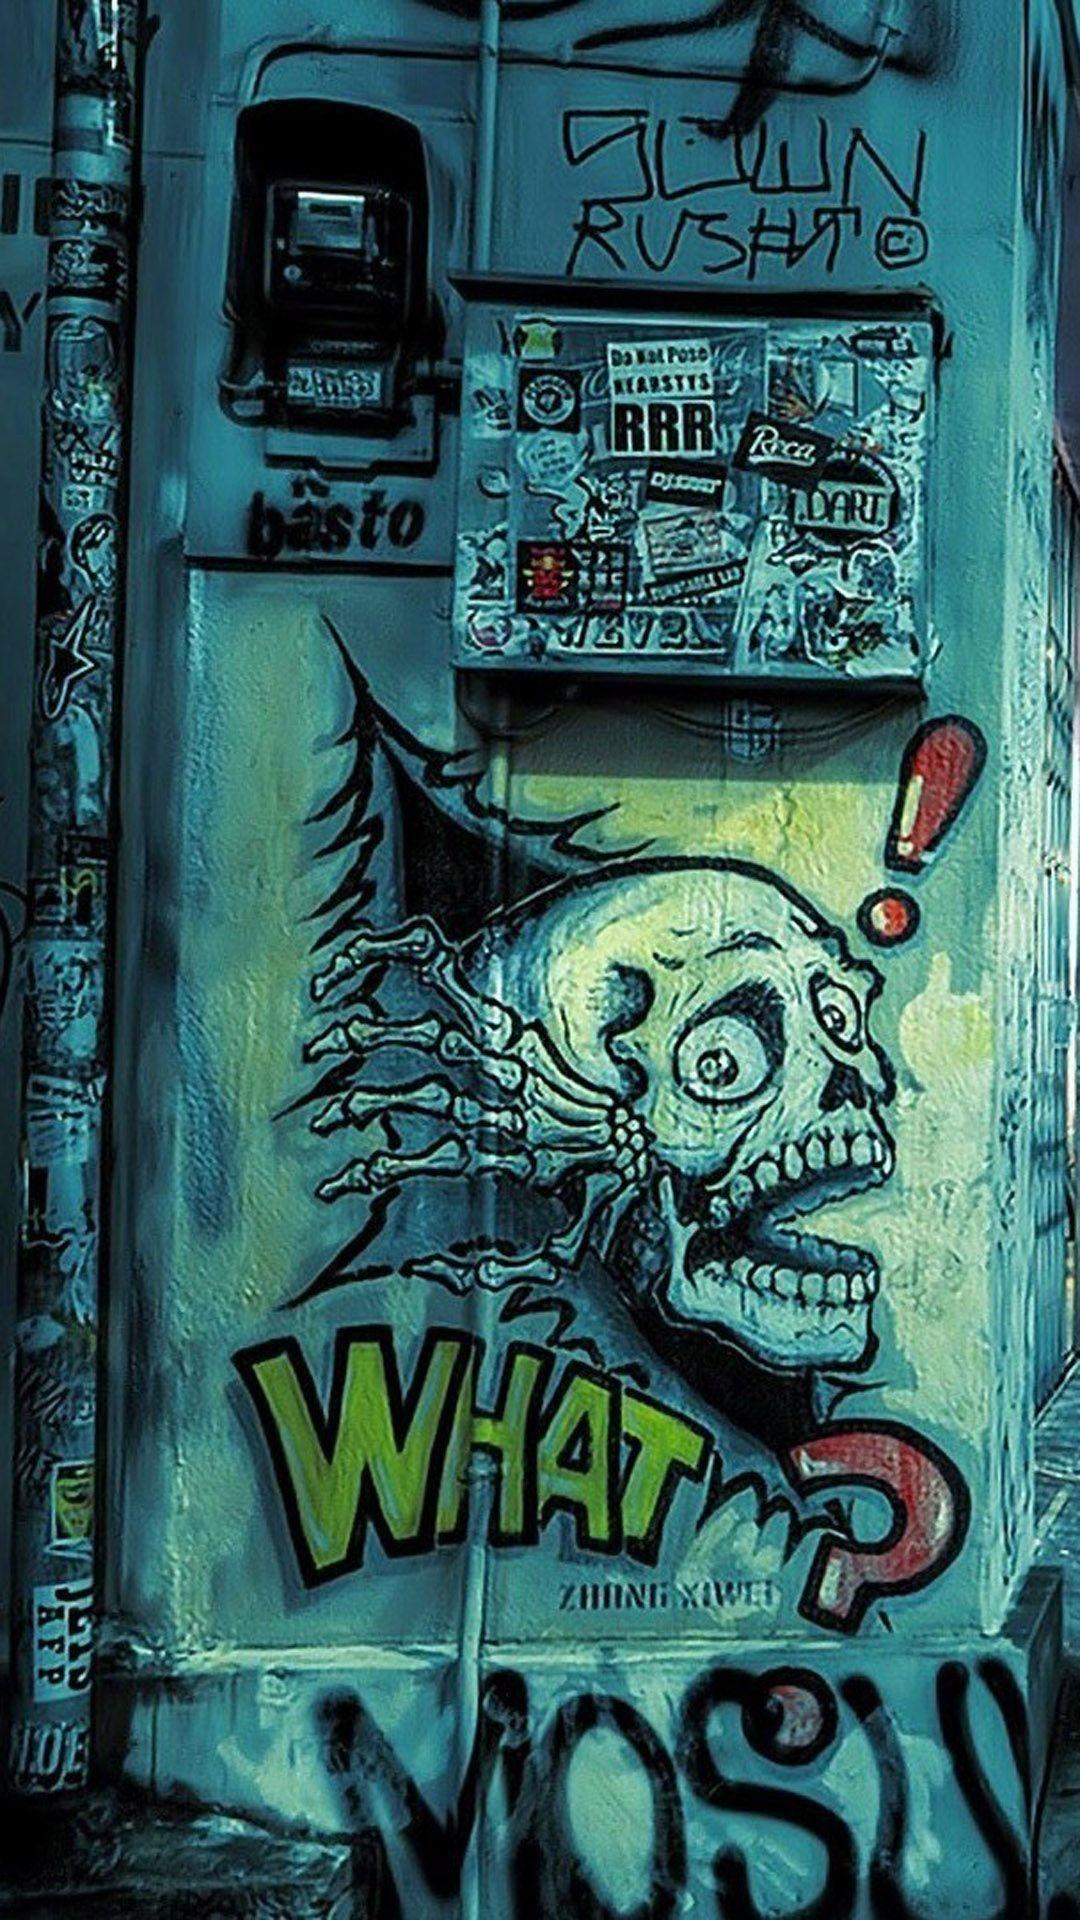 Street Art IPhone HD Wallpaper